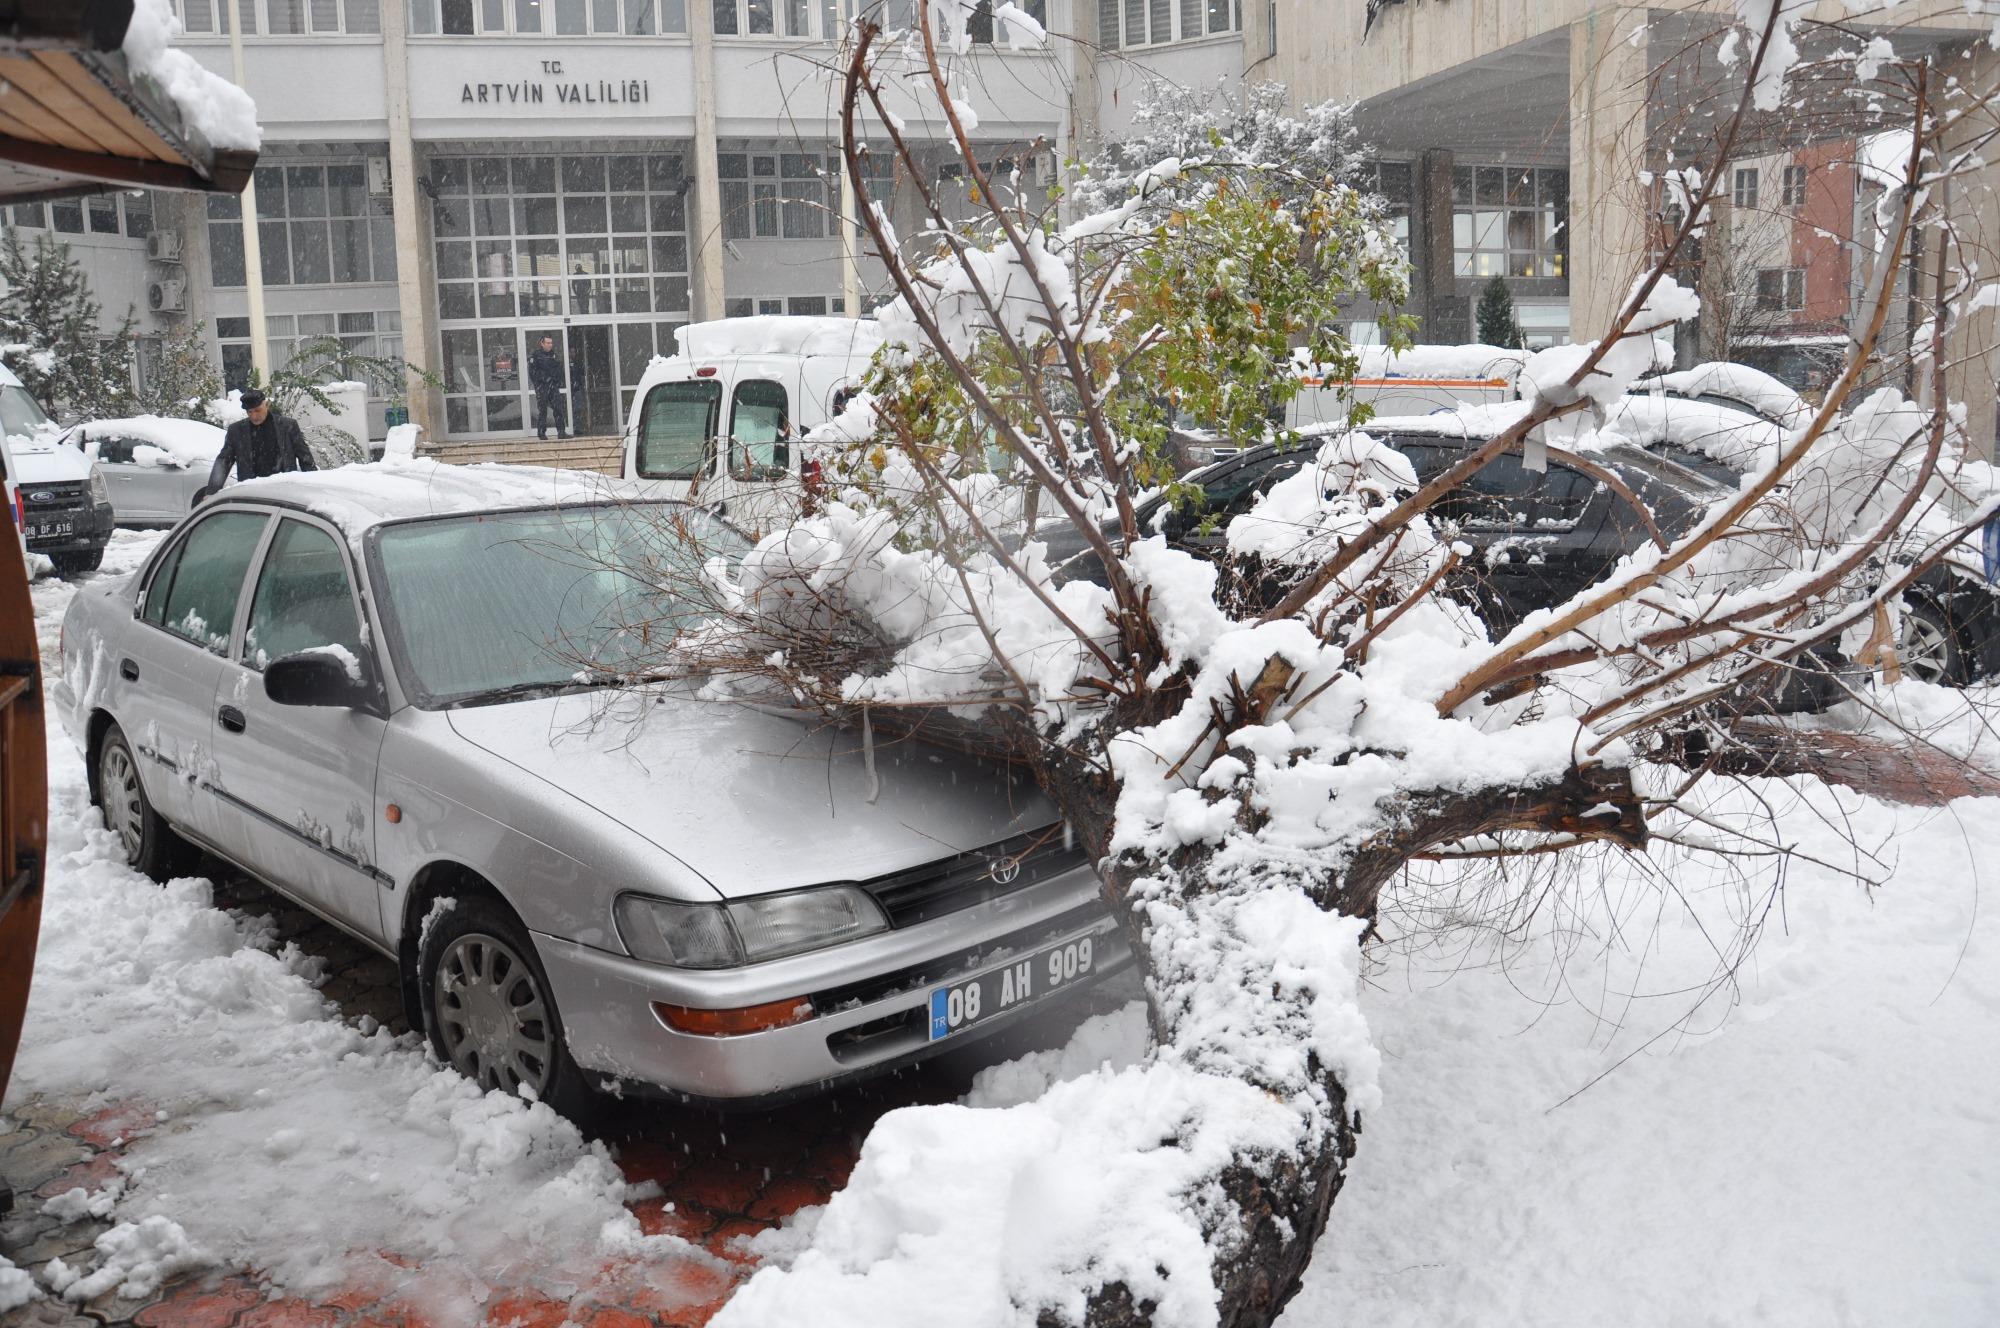 Artvin'de Kar, Kazaları Beraberinde Getirdi